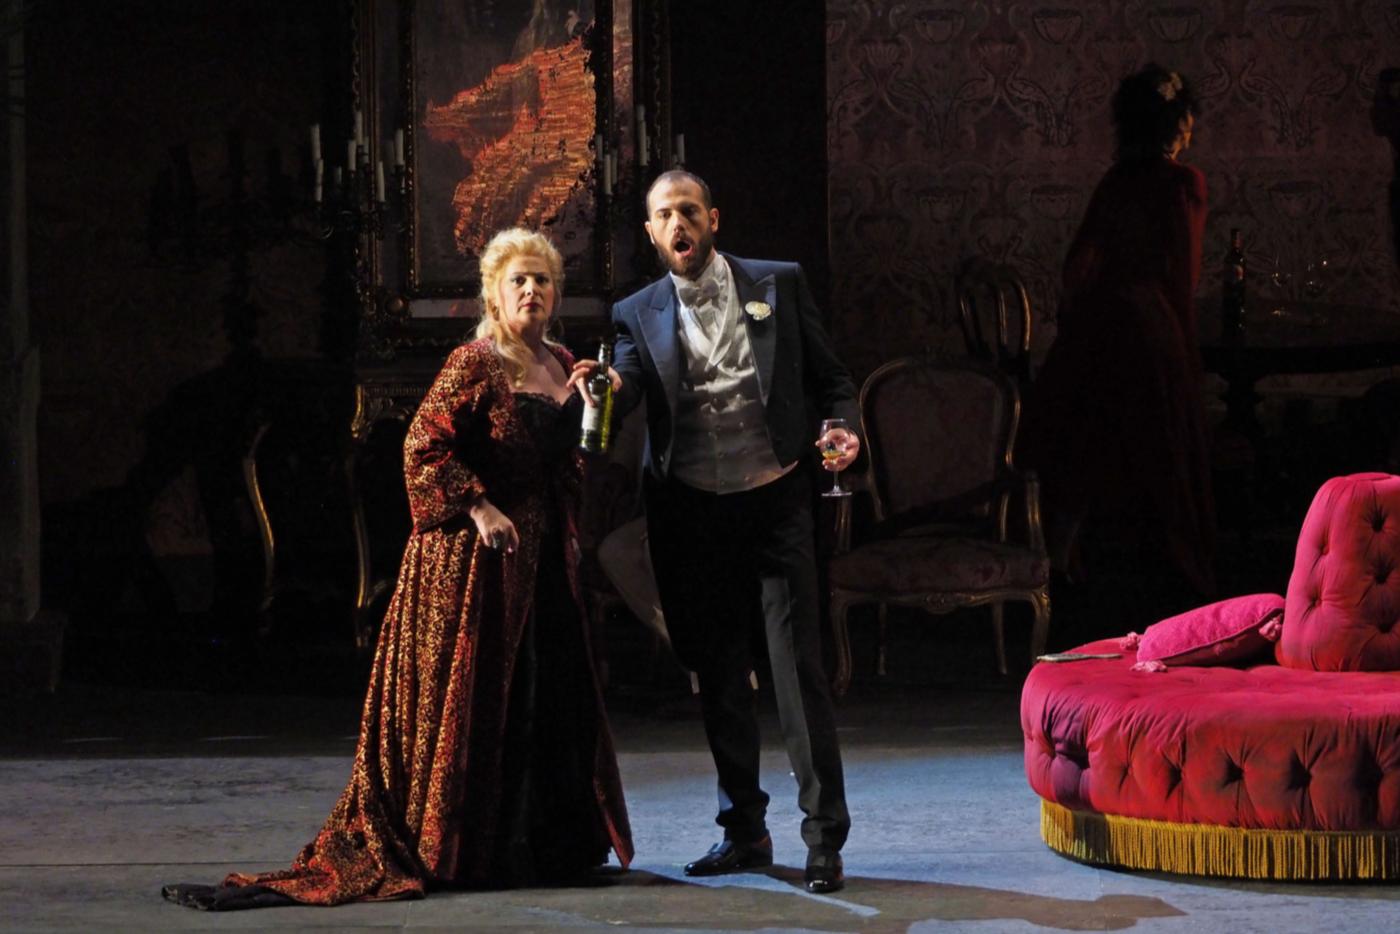 Un mejorado Jorge de León en la Manon Lescaut del Liceu. Foto: A. Bofill